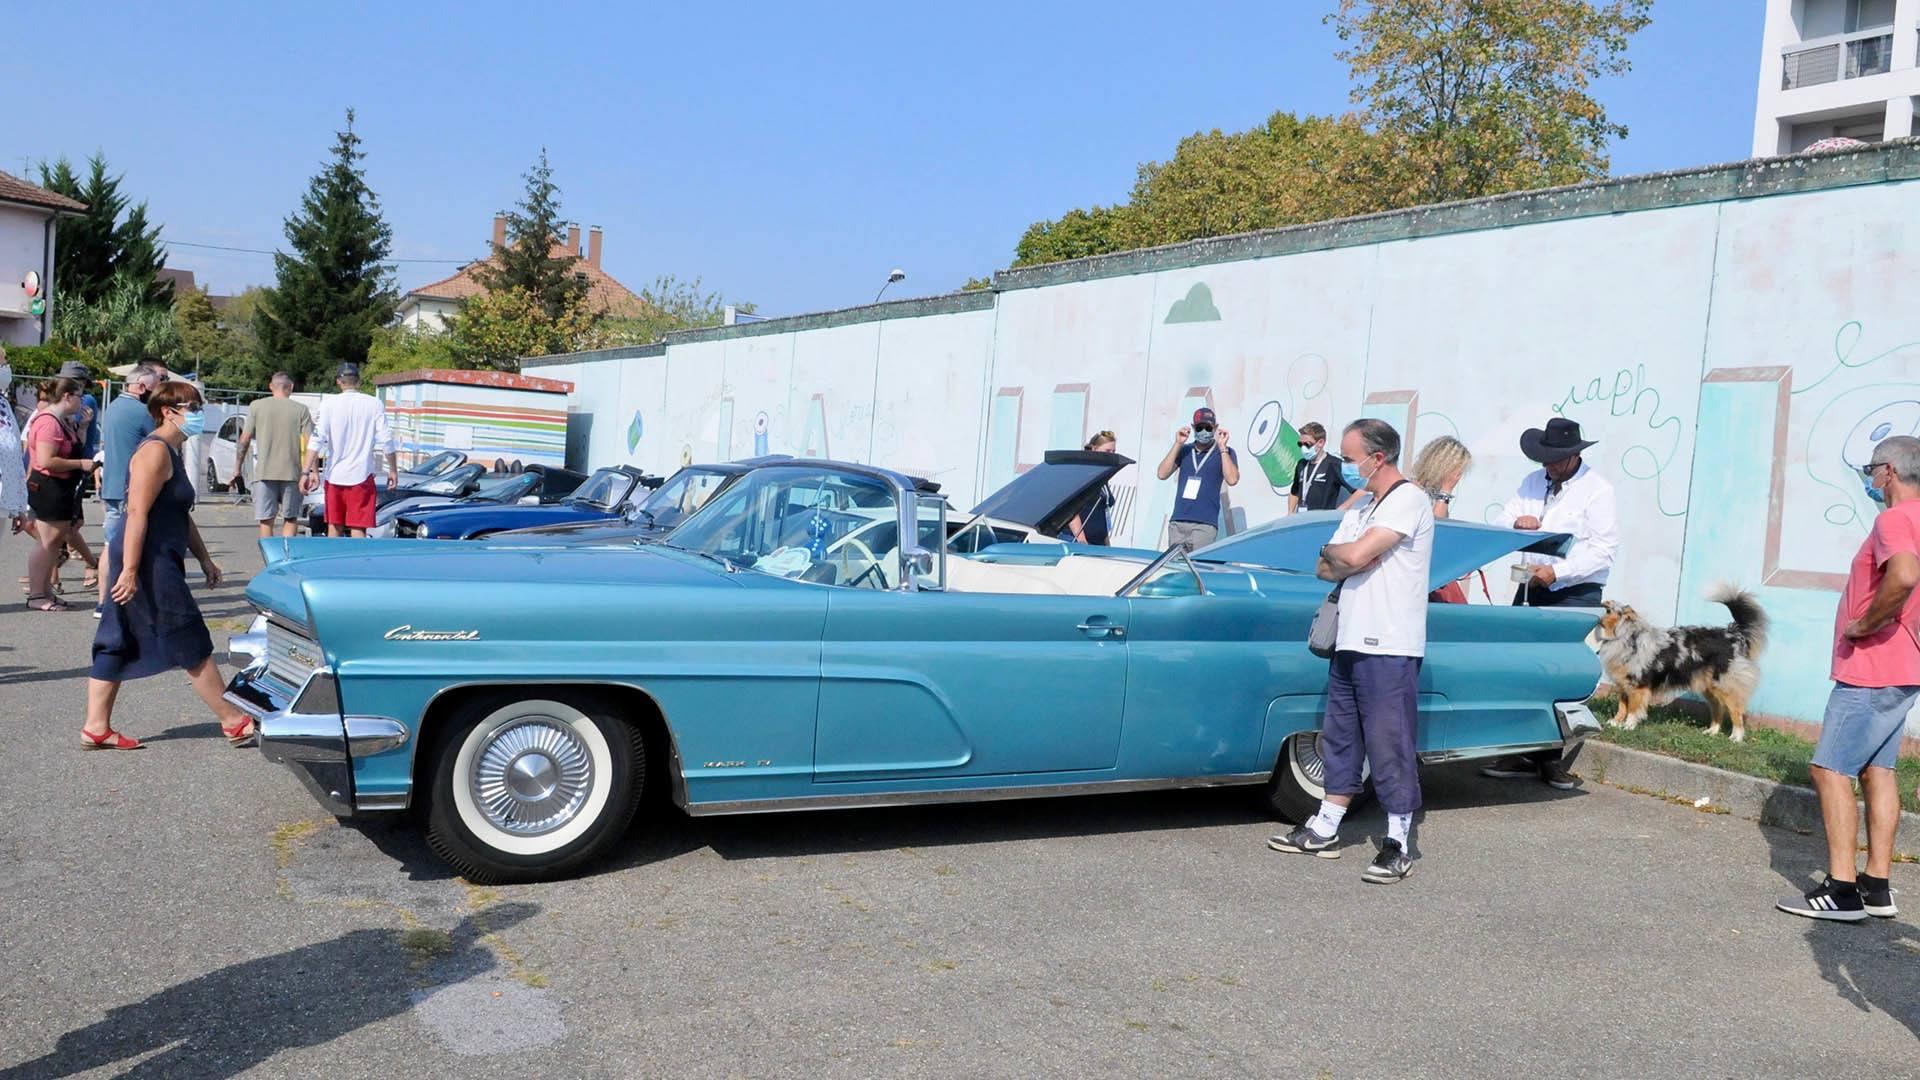 Un week-end tout en cylindrées sur m2A : des voitures d'exception à l'honneur